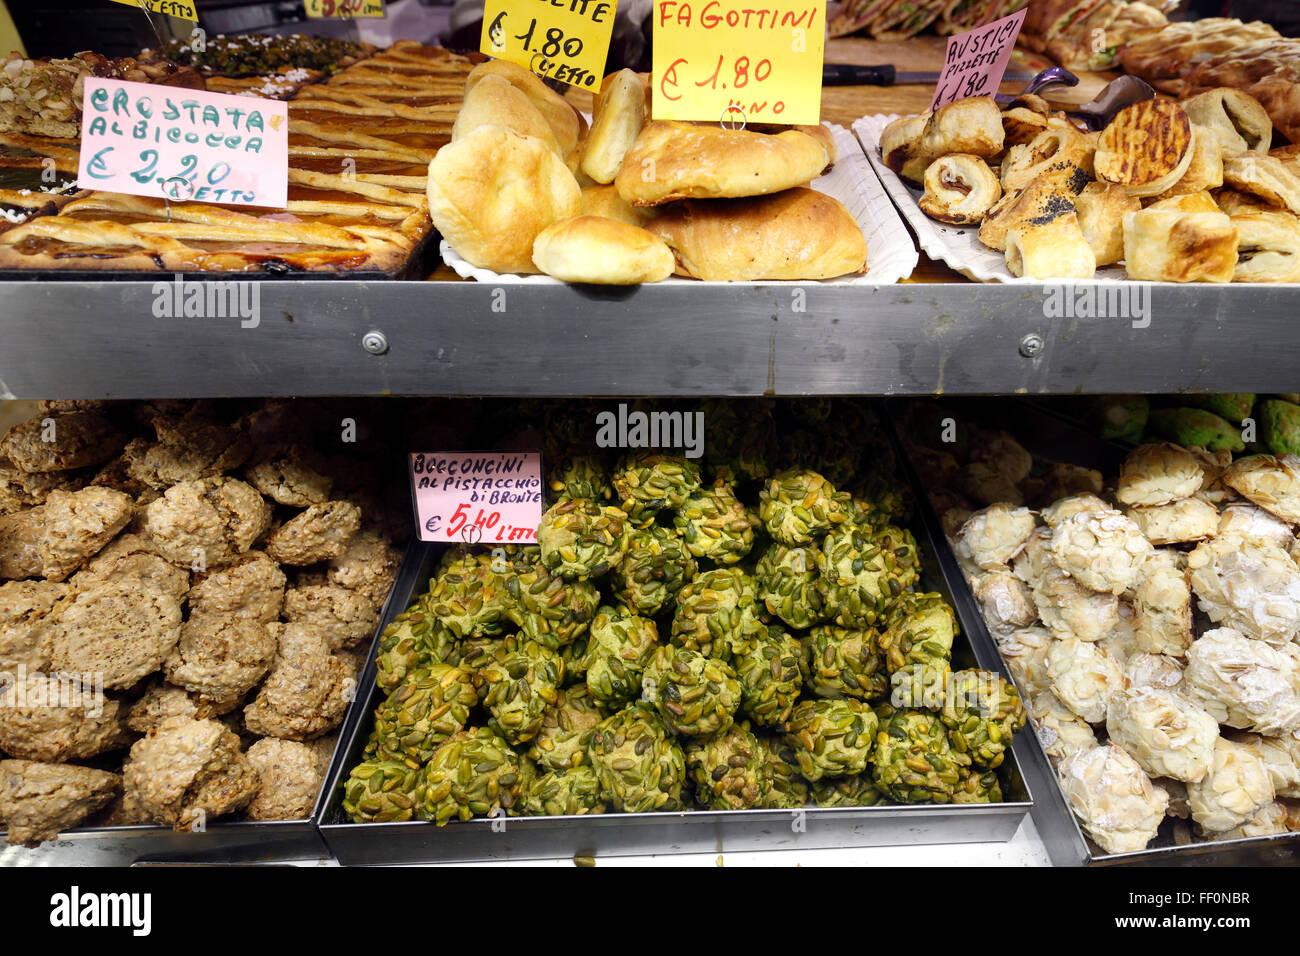 pastries in a deli shop in Rome Stock Photo